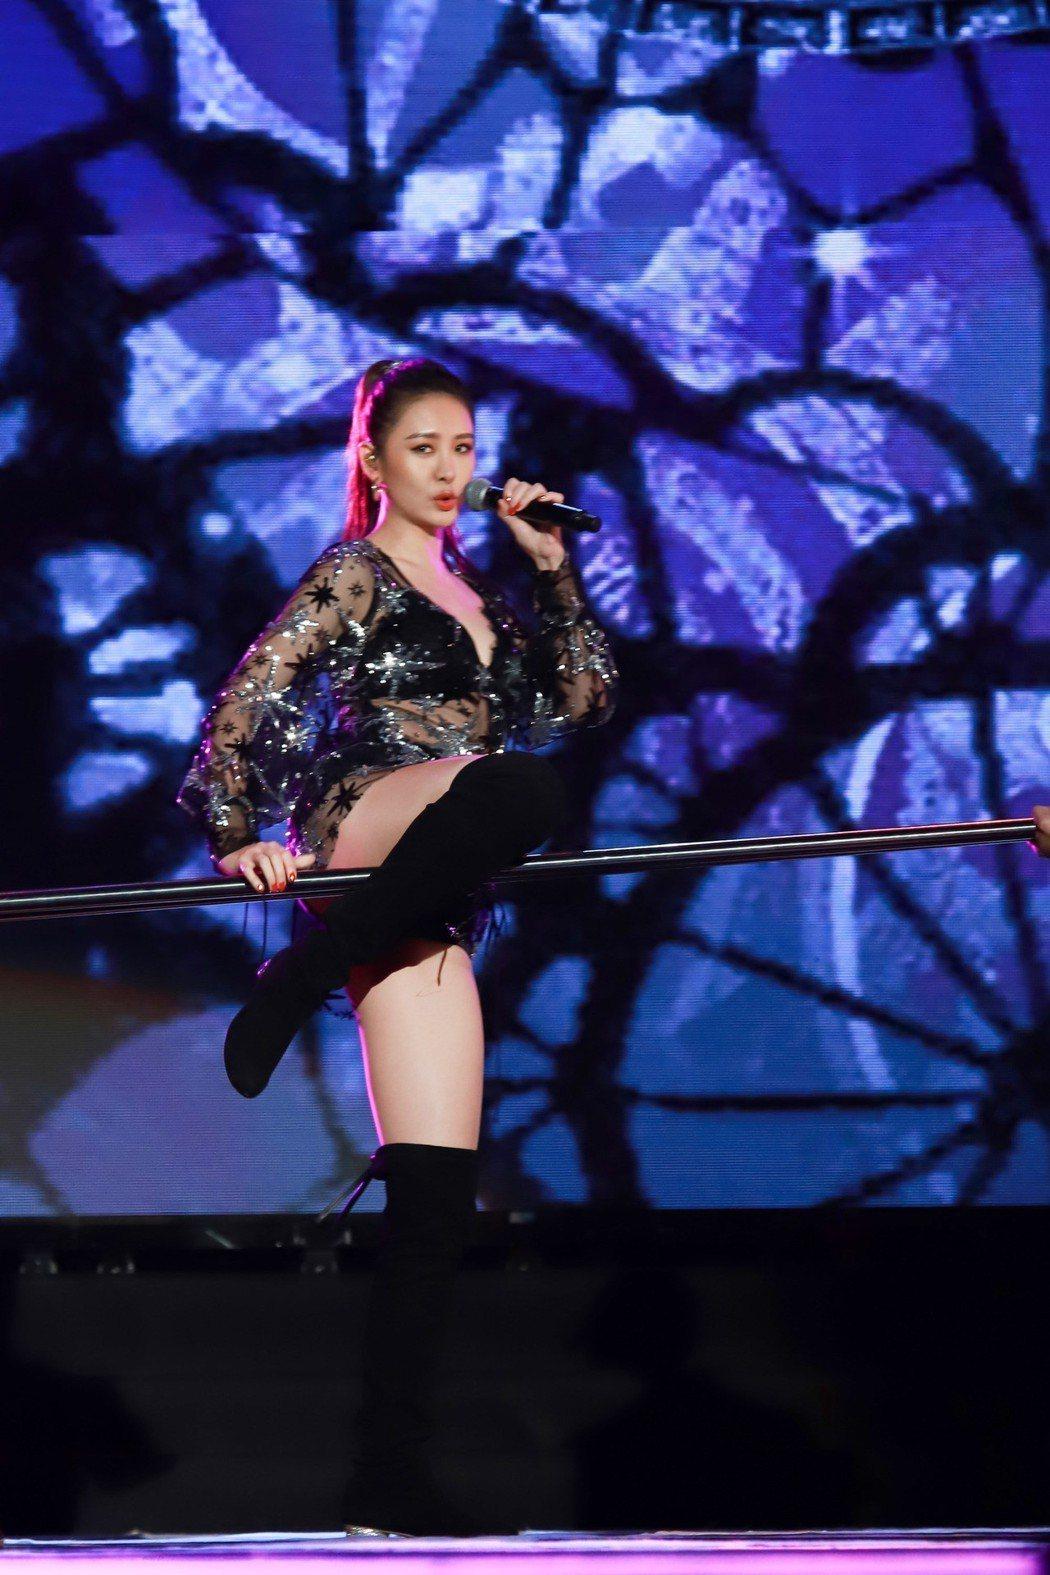 安心亞在高雄夢時代跨年火辣開唱。圖/民視提供